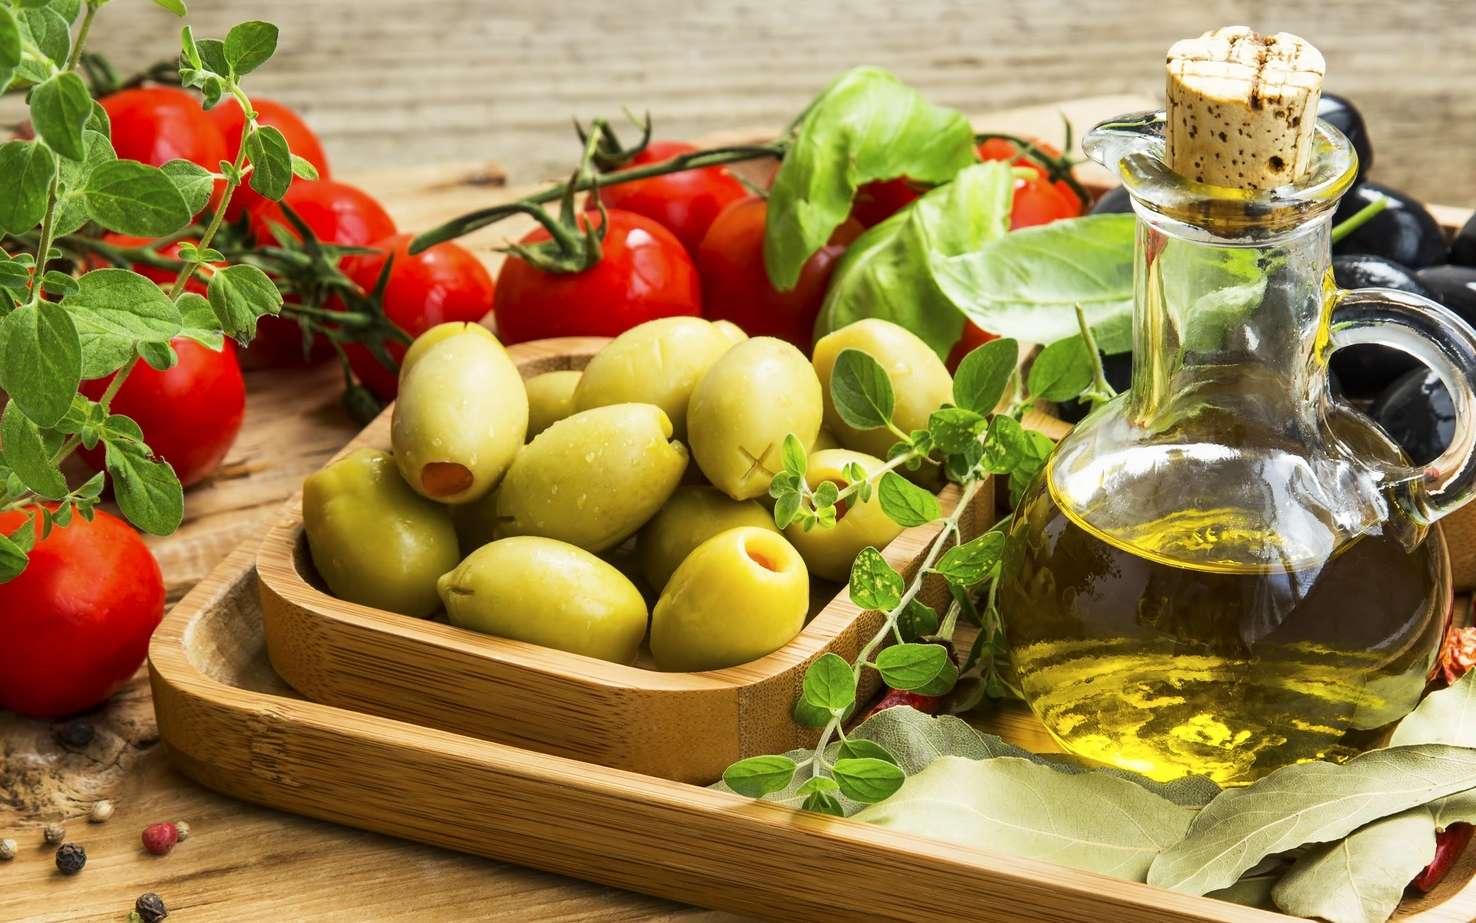 L'huile d'olive occupe une place importante dans le régime méditerranéen. © marrakeshh, Fotolia